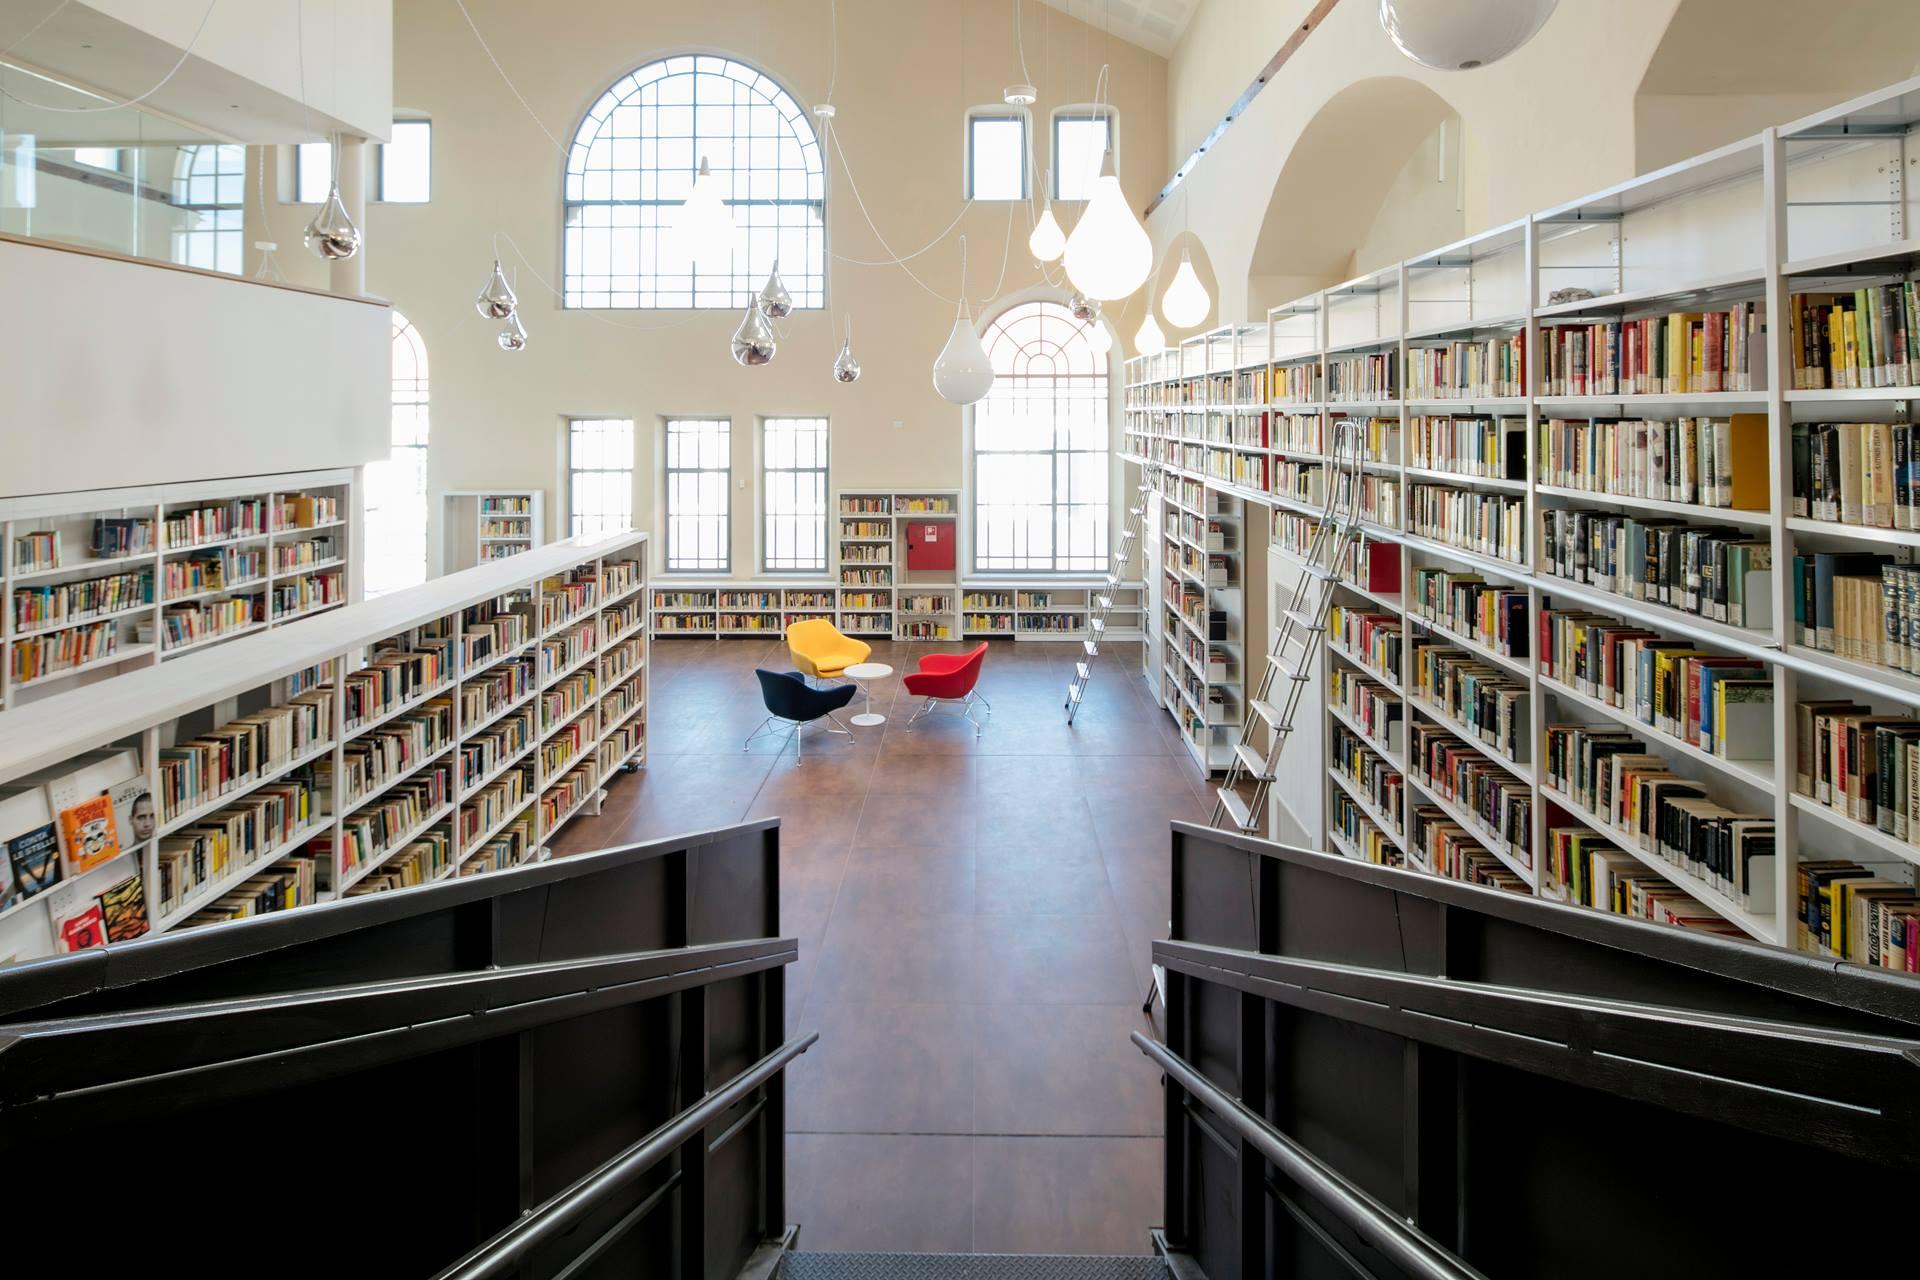 Biblioteca civica p m beghi for Arredi per biblioteche